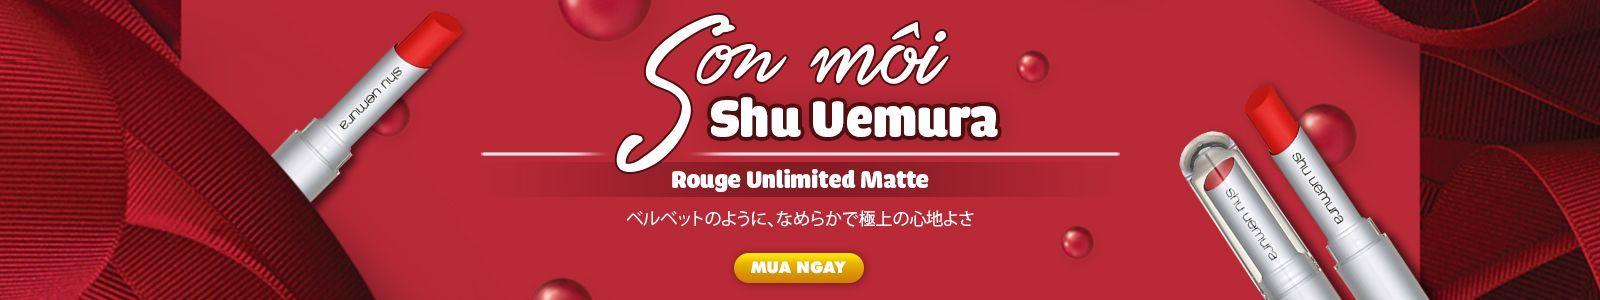 Son môi Shu Uemura Rouge Unlimited Matte 3.4g